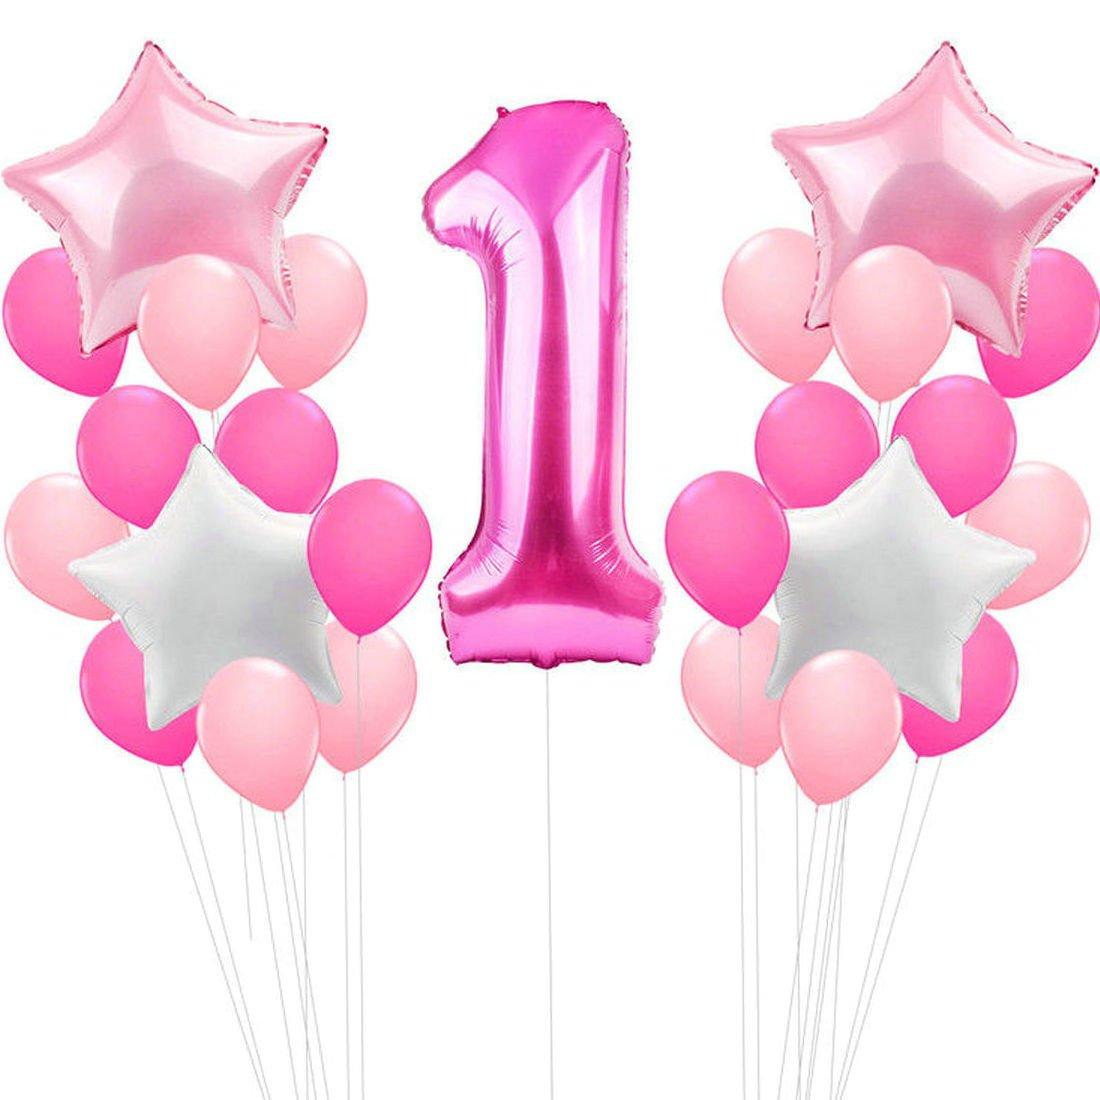 Zcoins 1er Anniversaire Décoration pour Fille, 100cm Grand Numéro Ballon 1, 30pcs Ballons en Latex, 4pcs Étoiles Feuille Ballons Rose et Blanc